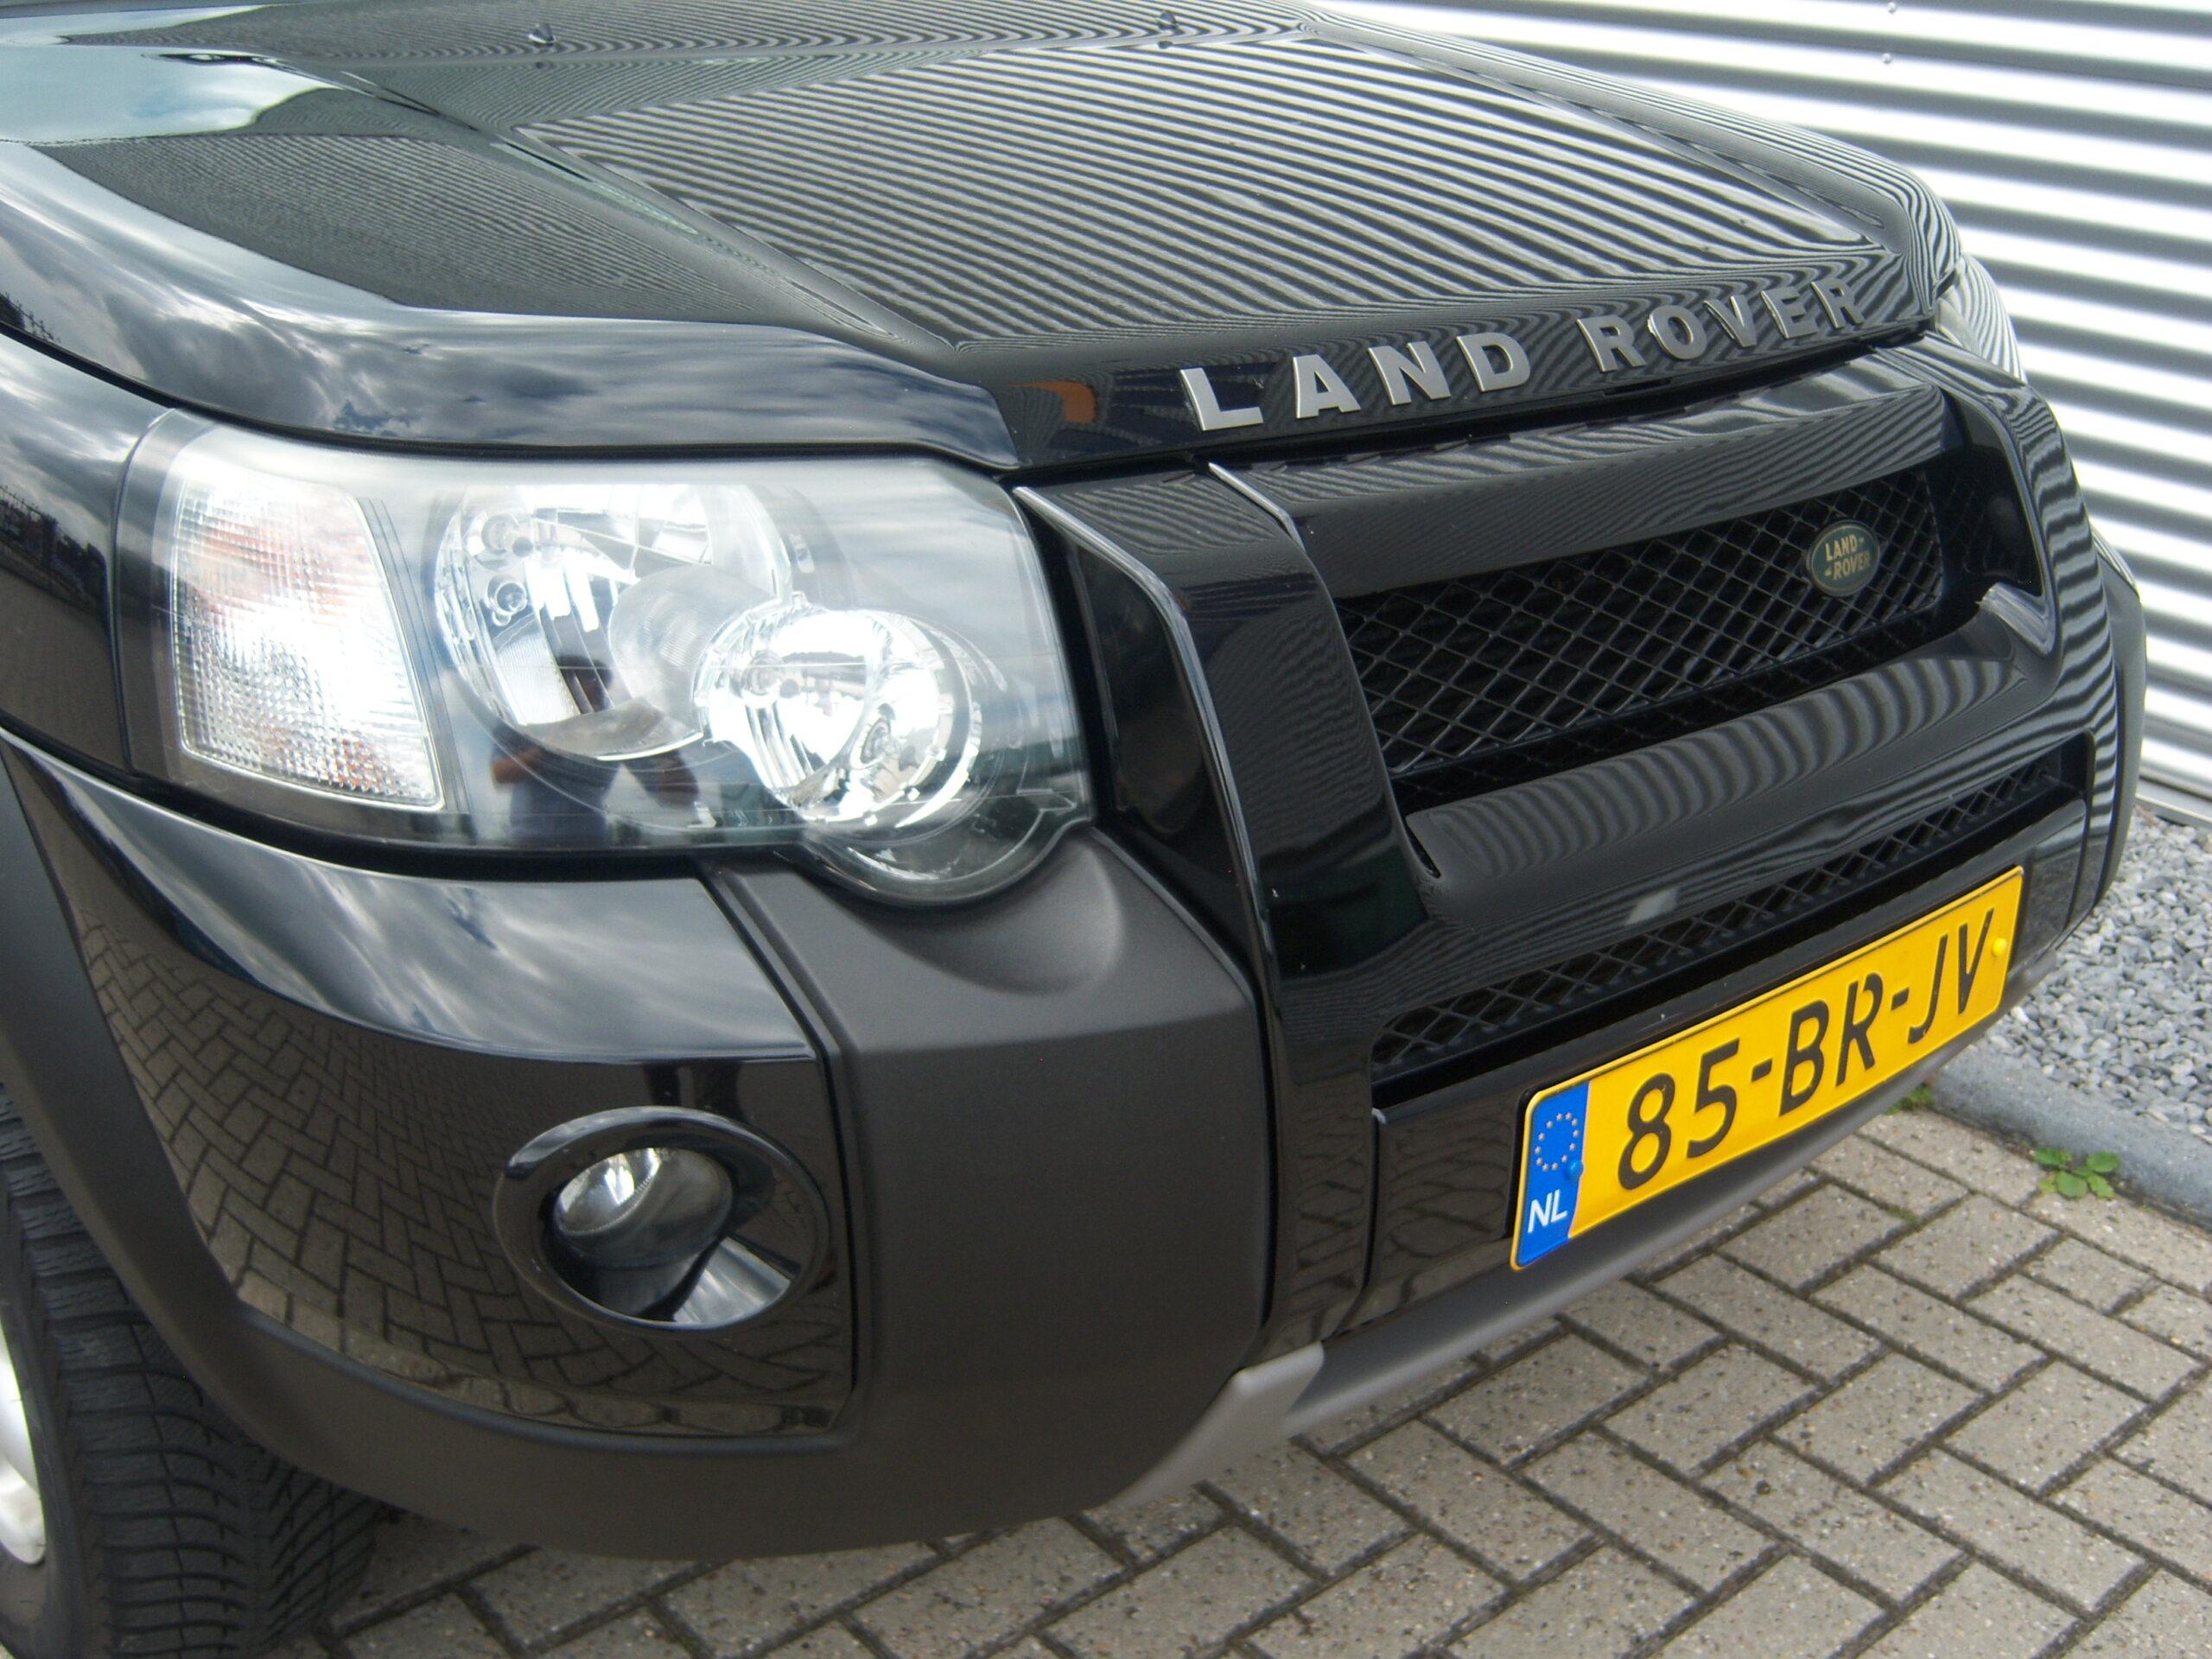 Land Rover Freelander 2.0 Td4 SE Automaat Commercial/ Youngtimer